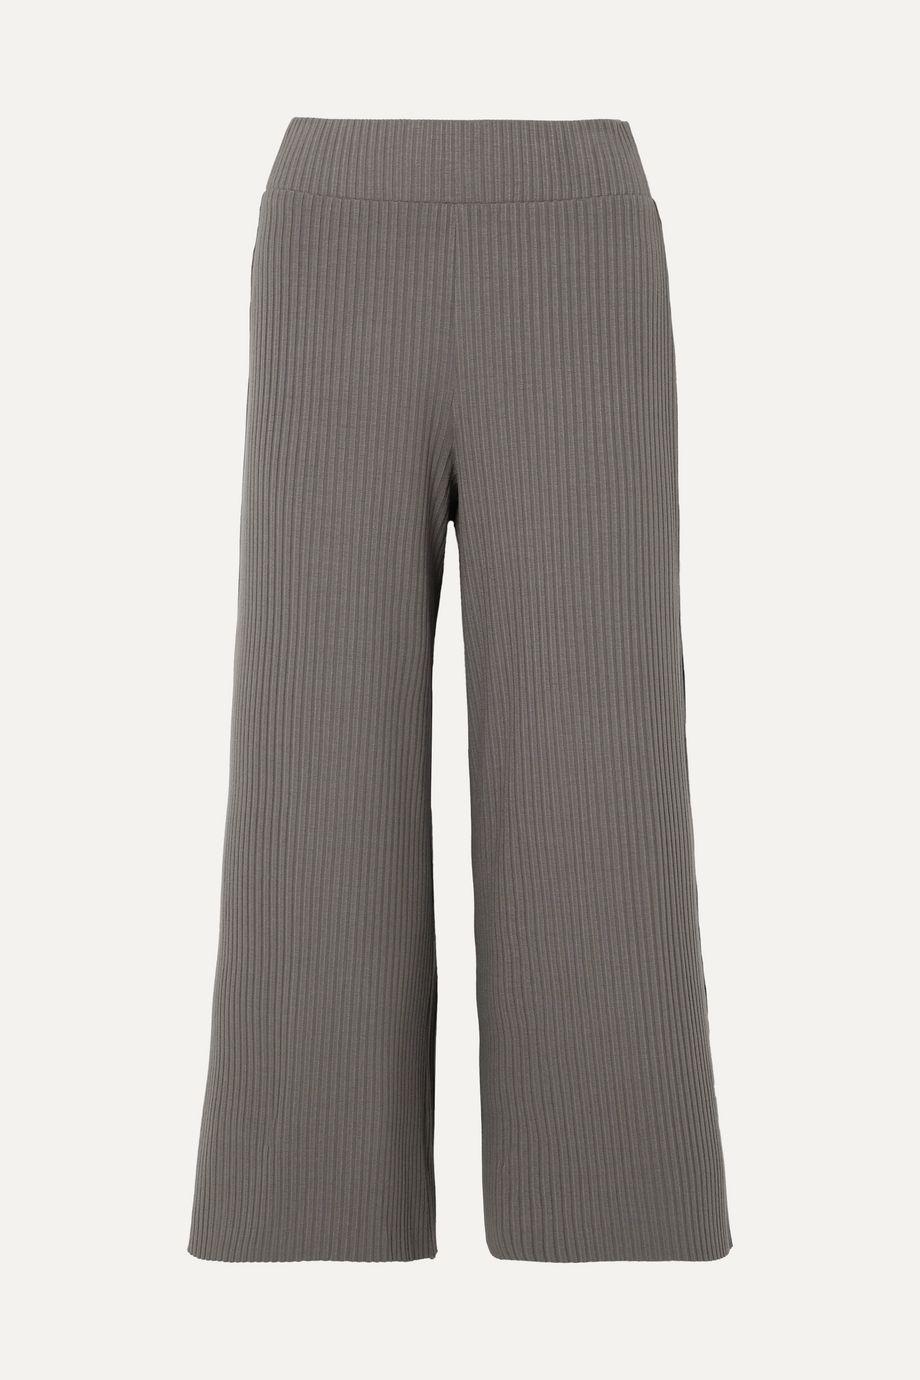 calé Gigi ribbed stretch-knit culottes